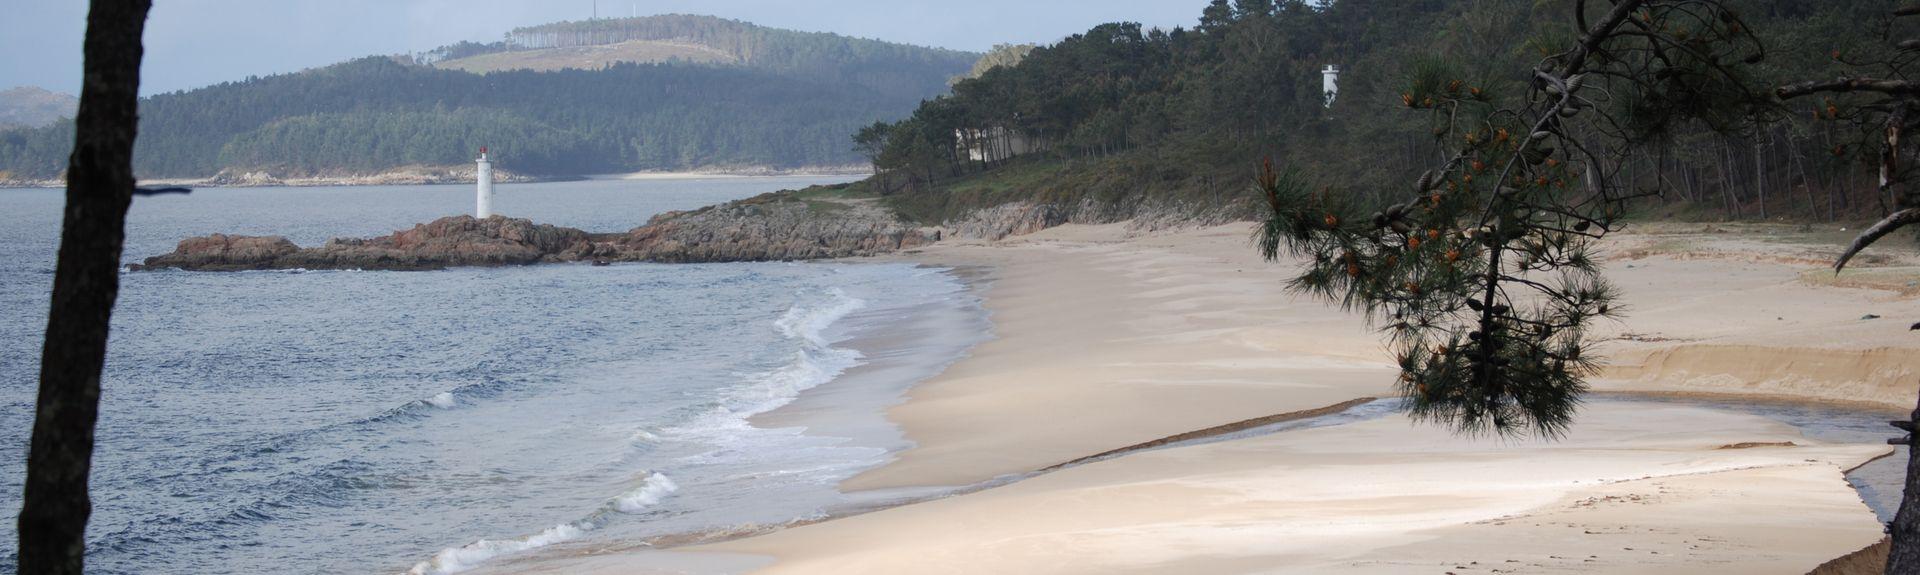 Laxe, Galicia, Spain